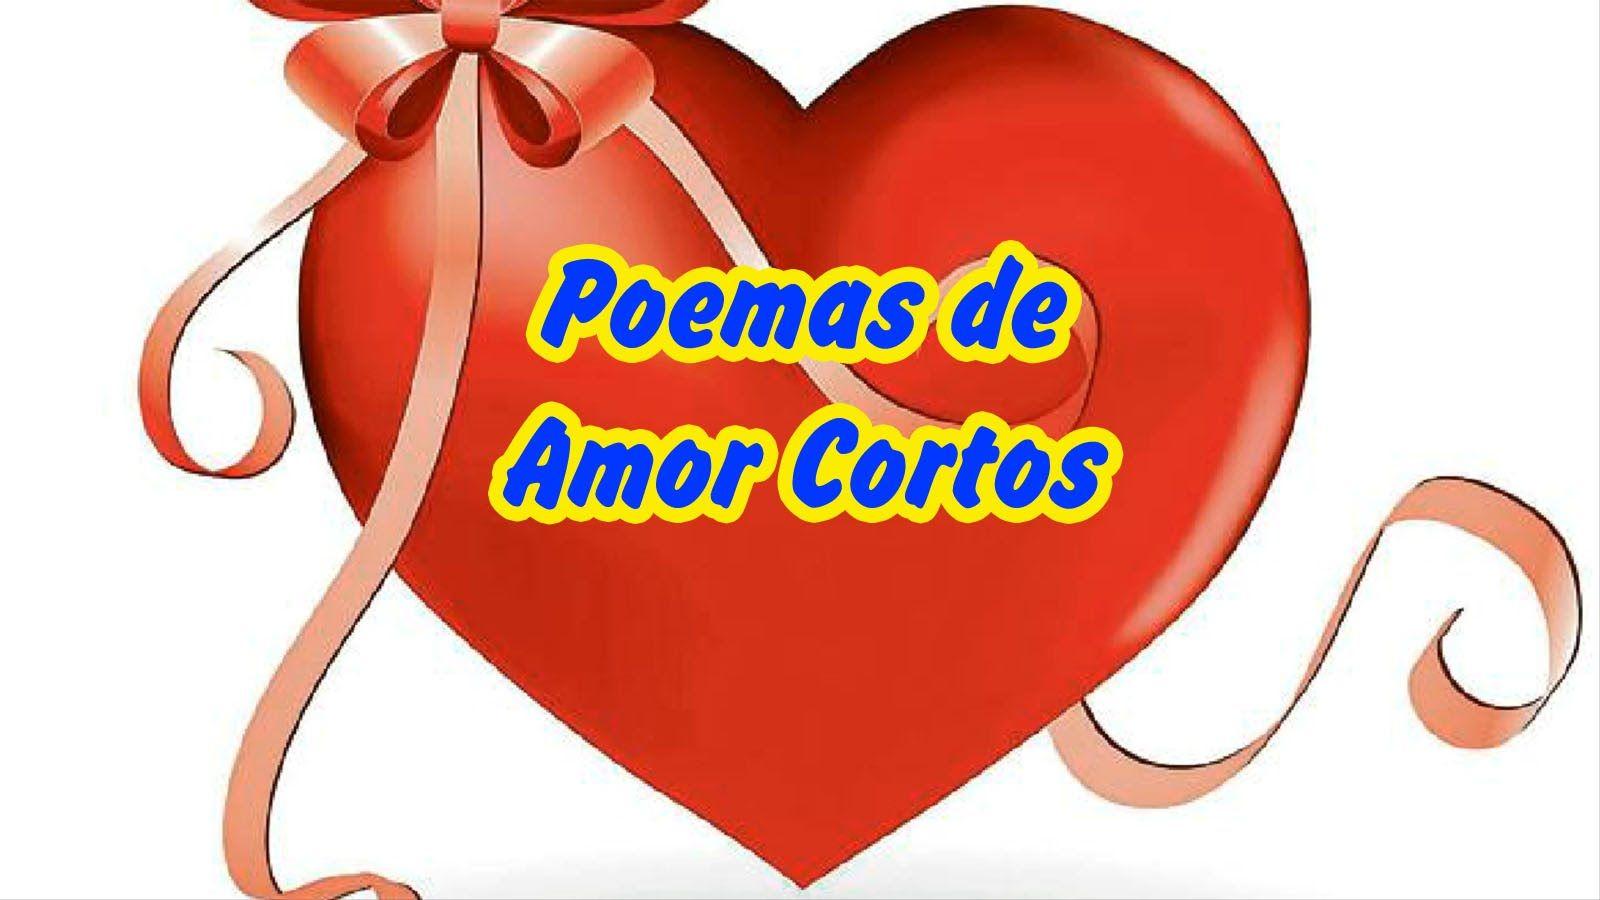 Frases De Amor Y Amistad   Feliz Dia De San Valentin, Para Compartir Con Tu  Amor, Amiga O Amigo Y Con La Persona Que Amas. ...